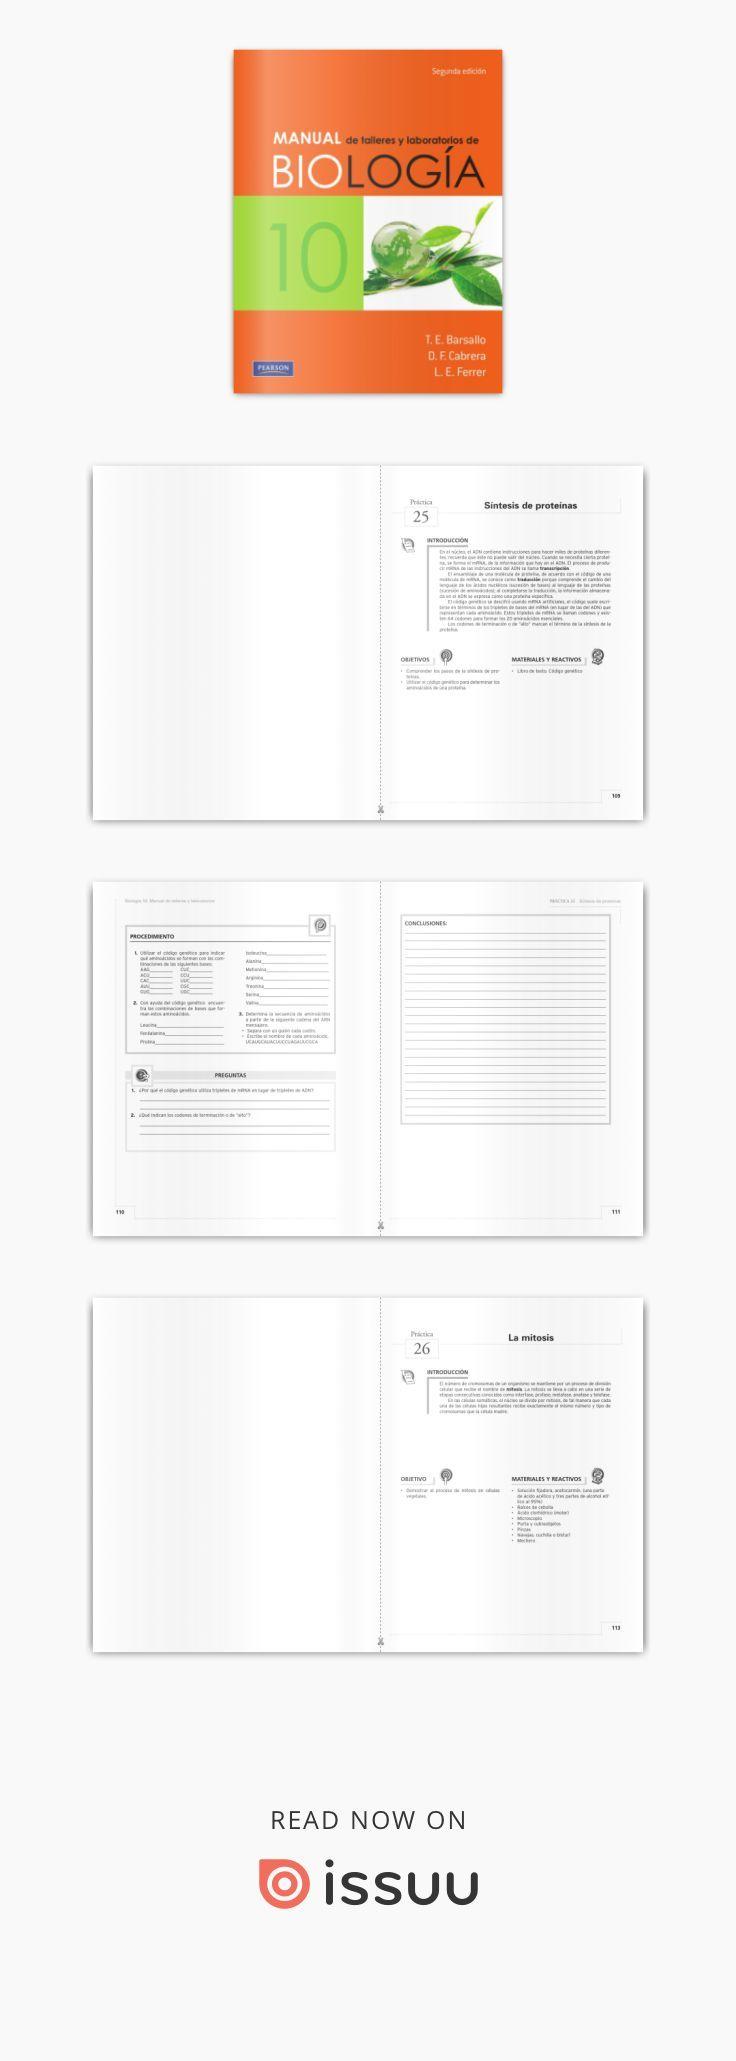 Manual de talleres y laboratorios de biologia 10 barsallo